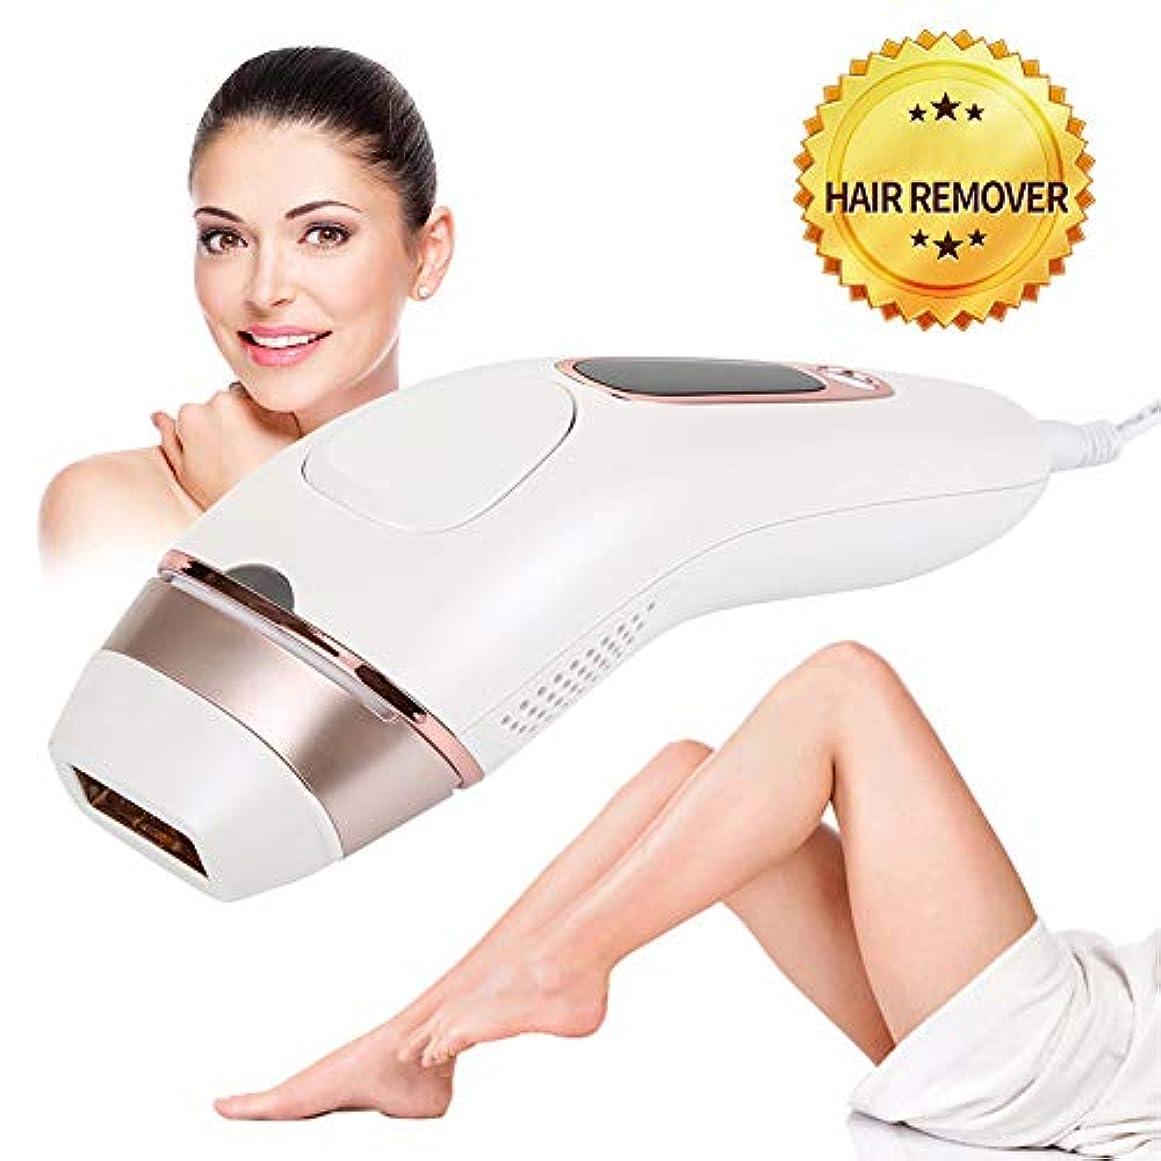 別の検索エンジンマーケティング家具高度なIPLの脱毛、体と顔のための自宅での永久的な目に見えるレーザー脱毛、ホワイト/ゴールド